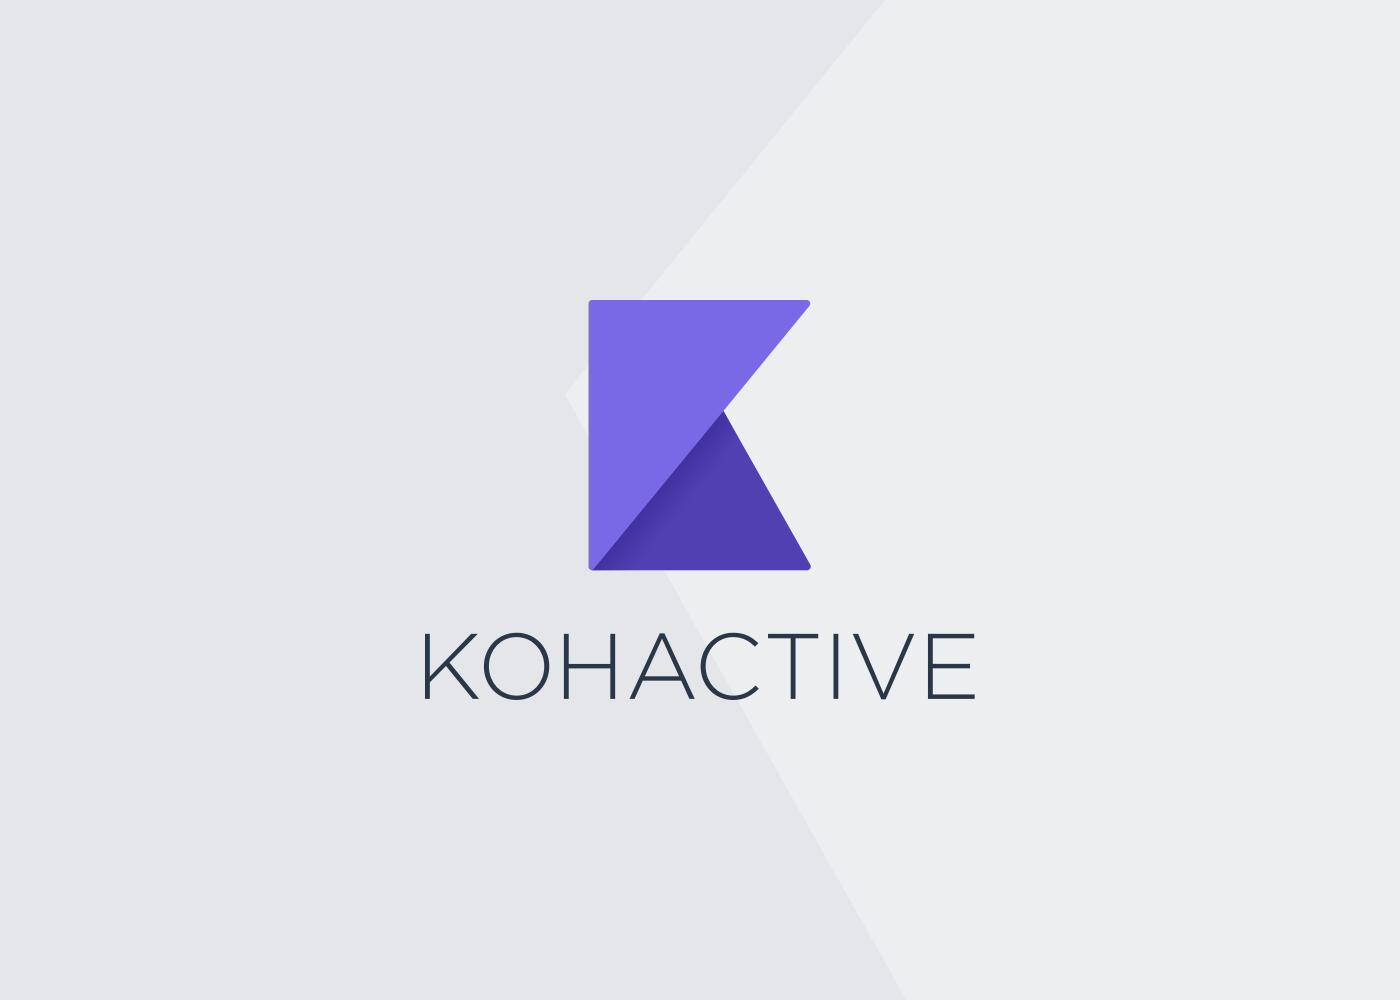 Kohactive Logo 2018